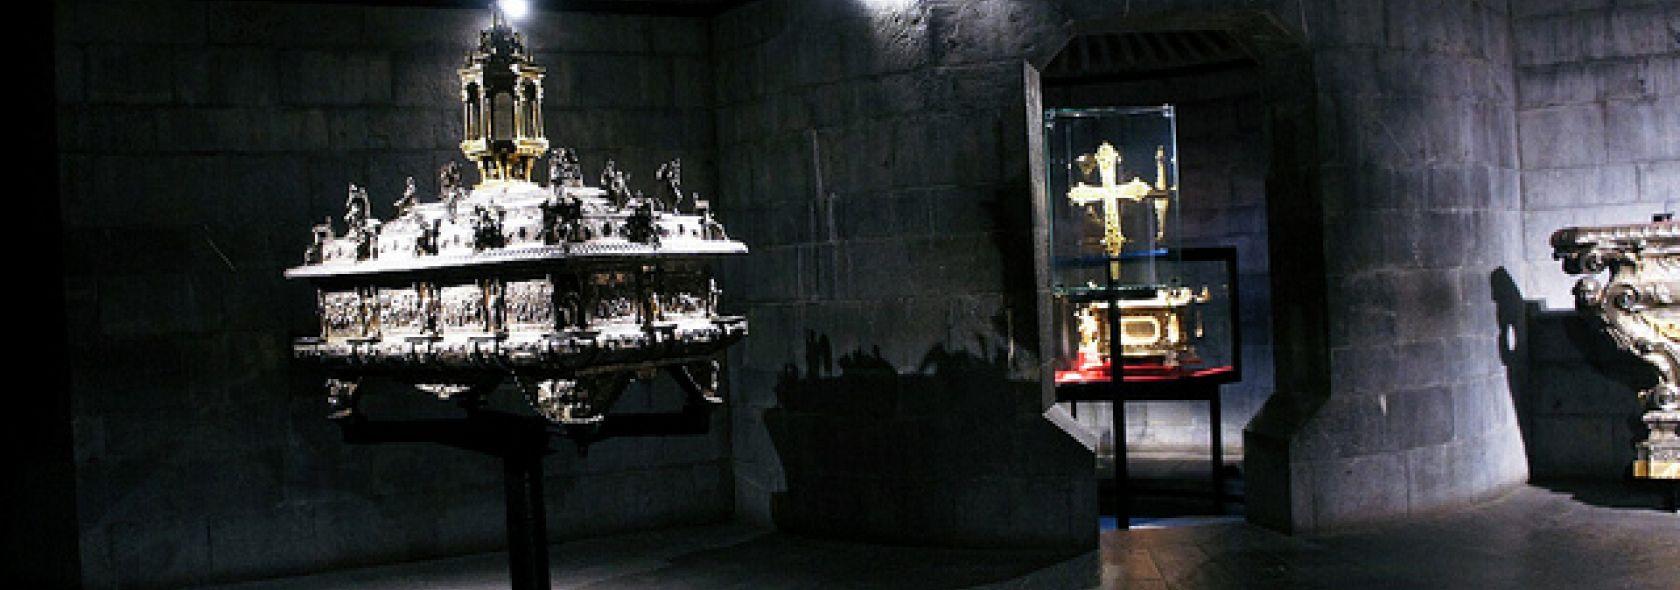 Museo del Tesoro della Cattedrale - Rinaldi  - ©genovacittadigitale